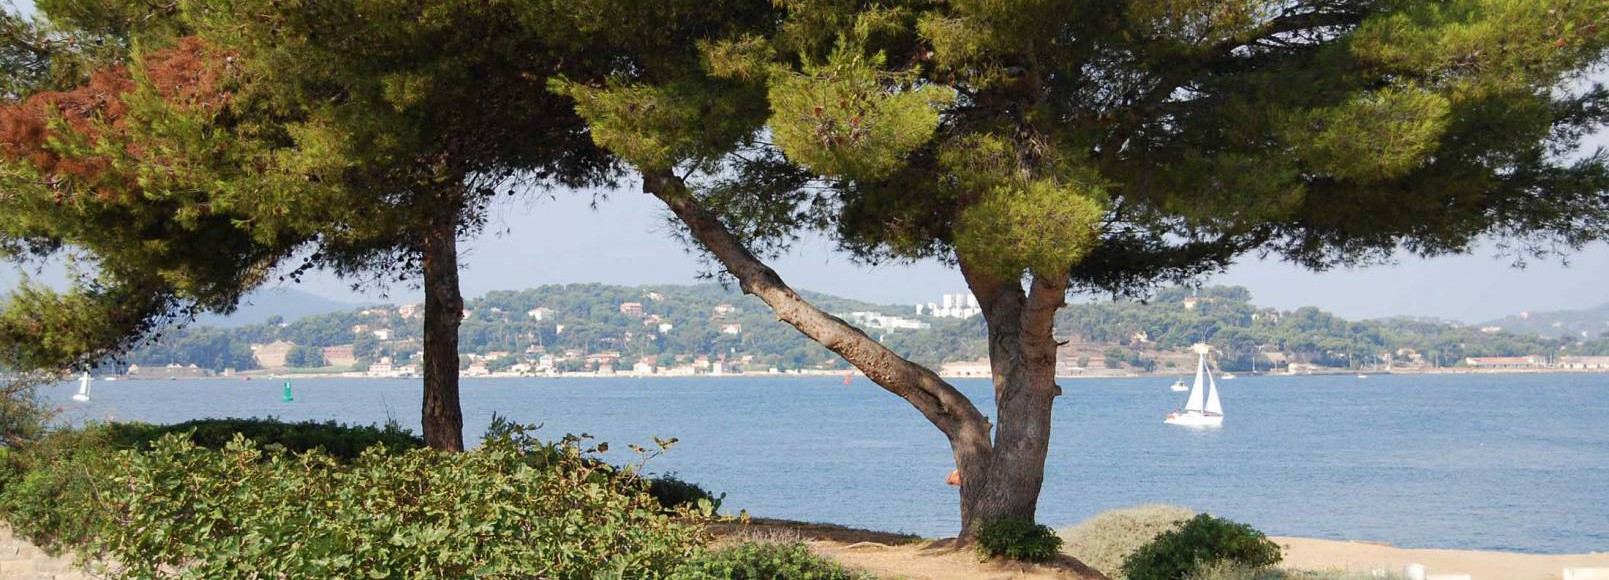 Official Toulon Tourist Office website - Toulon Tourisme